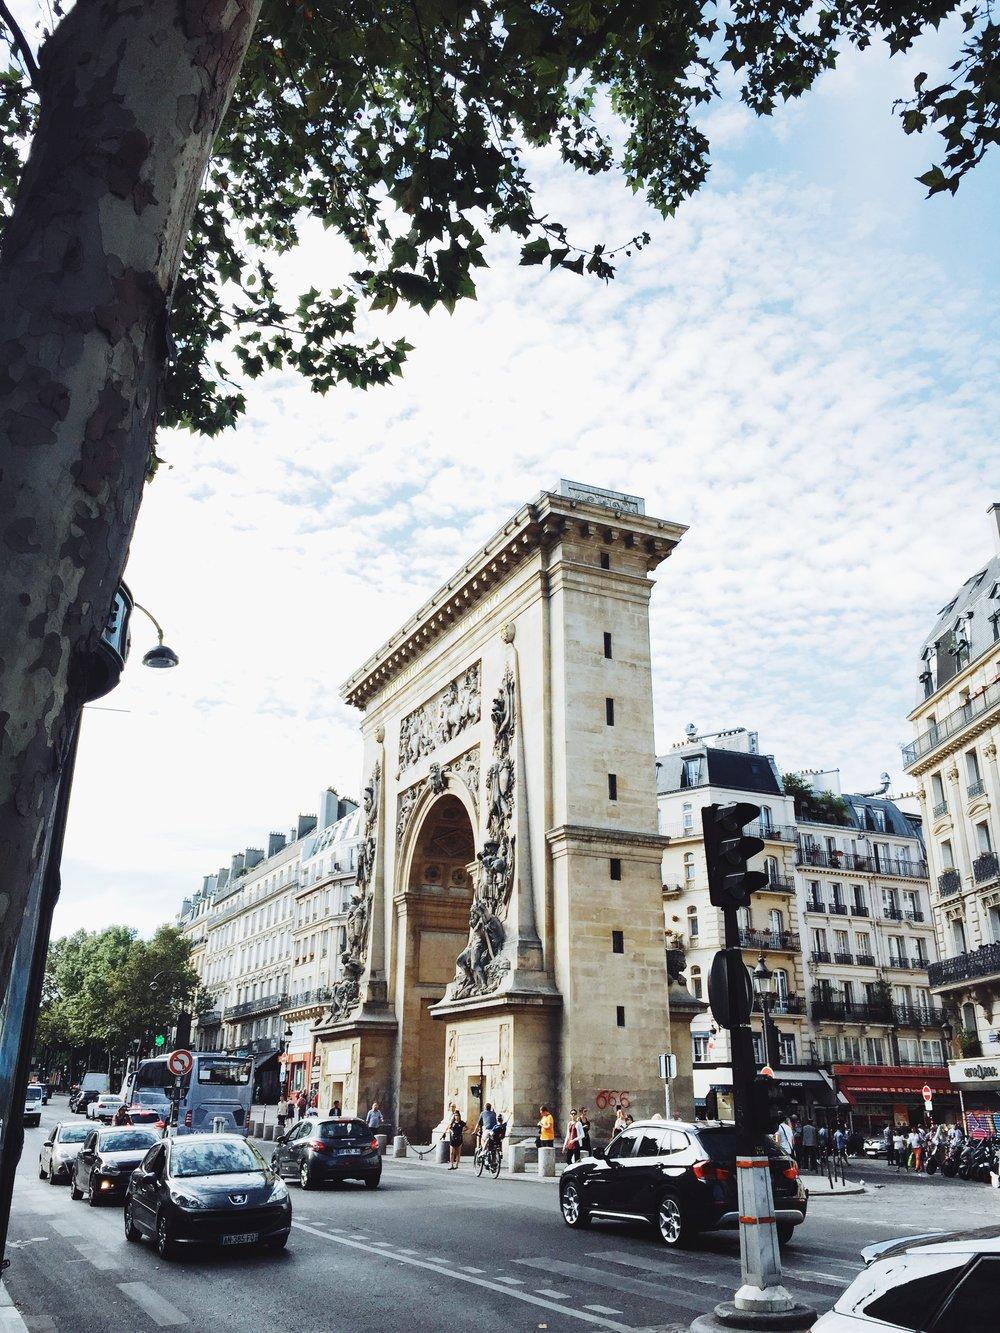 Paris+Details-+Citytour+auf+herzundblut.jpeg